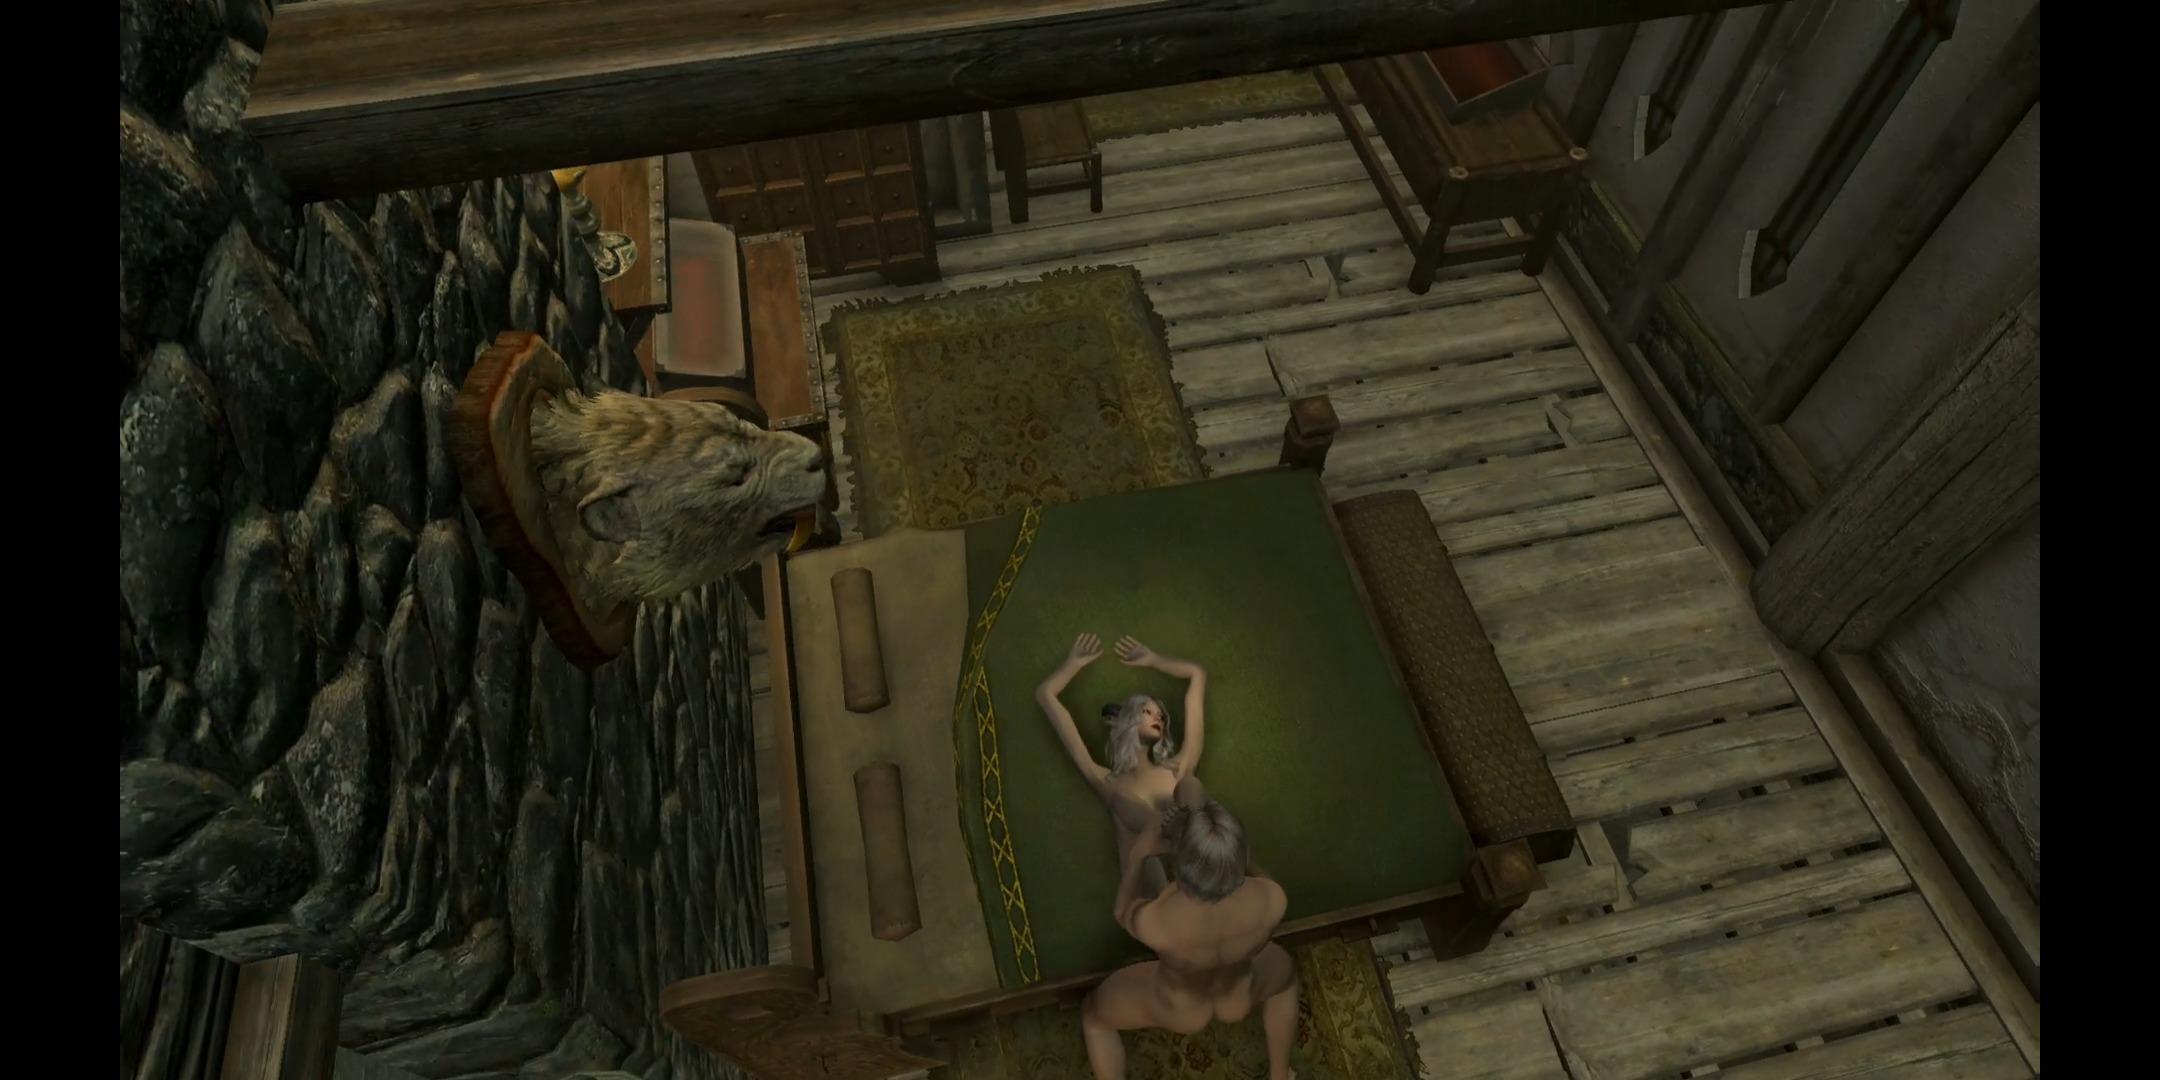 スカイリムFGバニラ婚自宅で睡眠